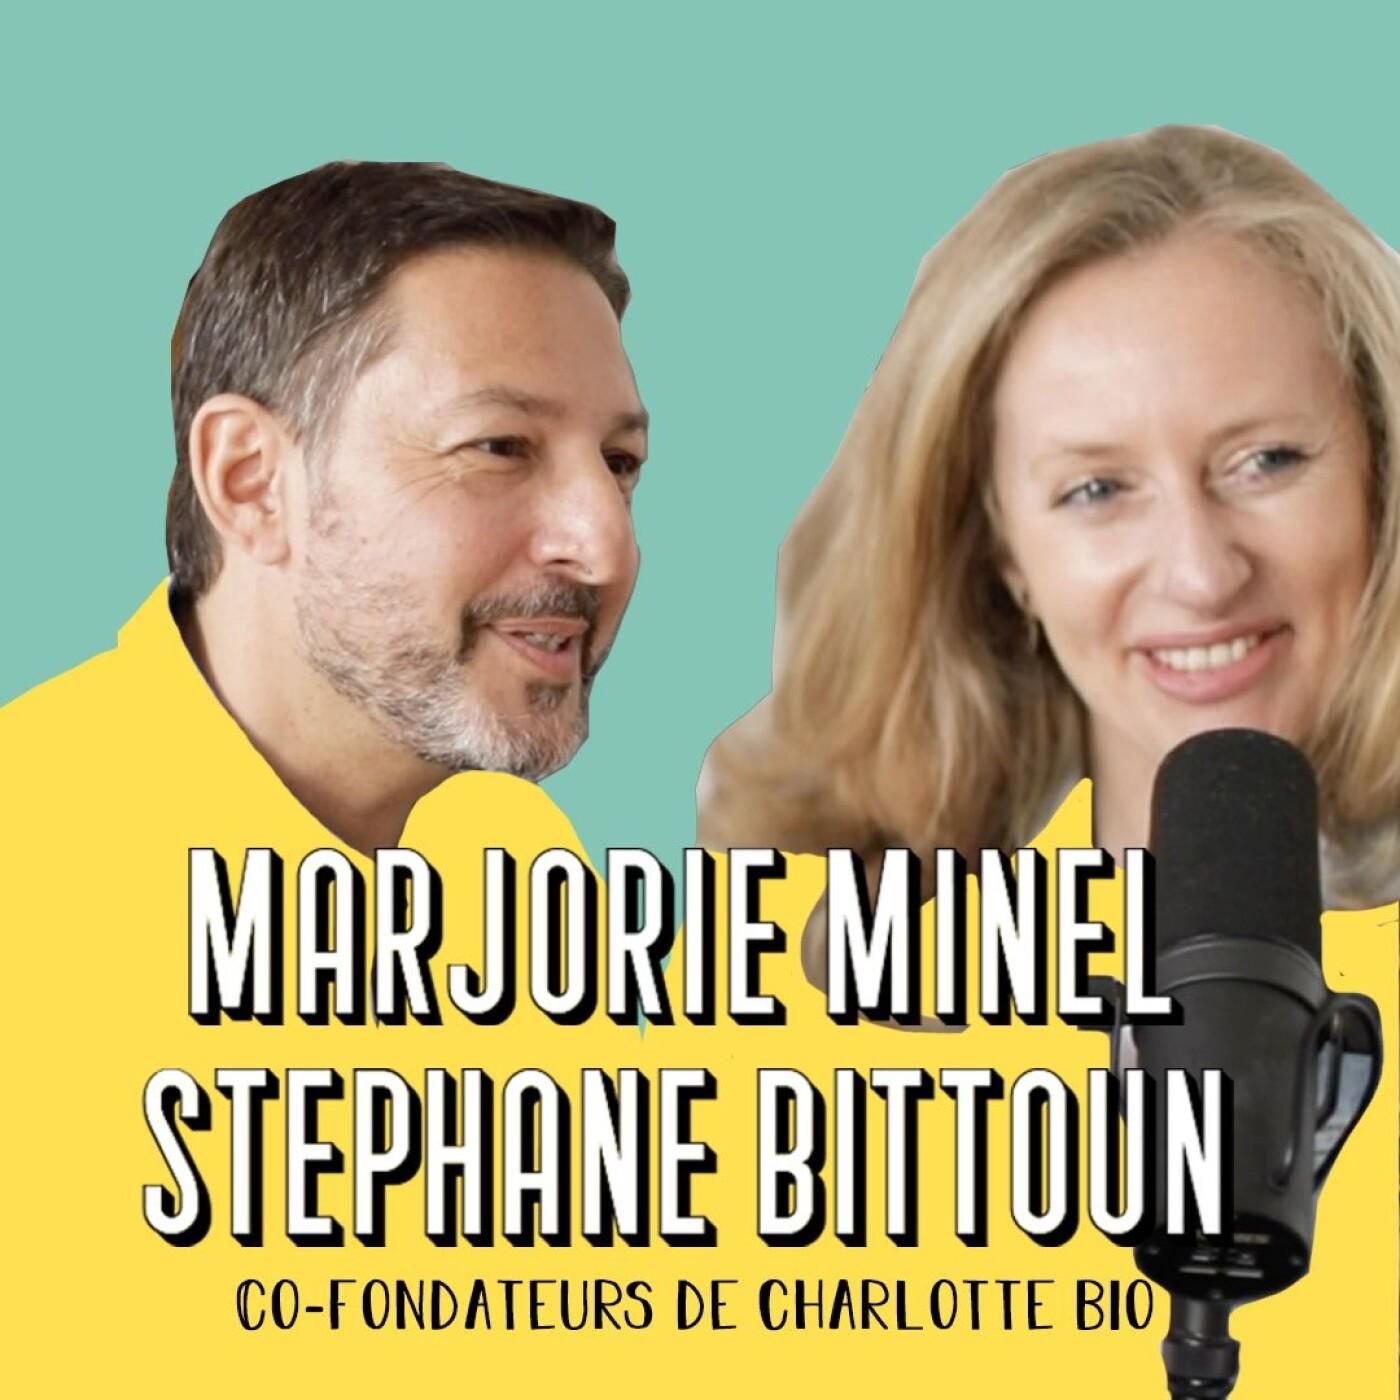 Marjorie et Stéphane, Fondateurs de Charlotte Bio - Ce qui compte, c'est de faire.